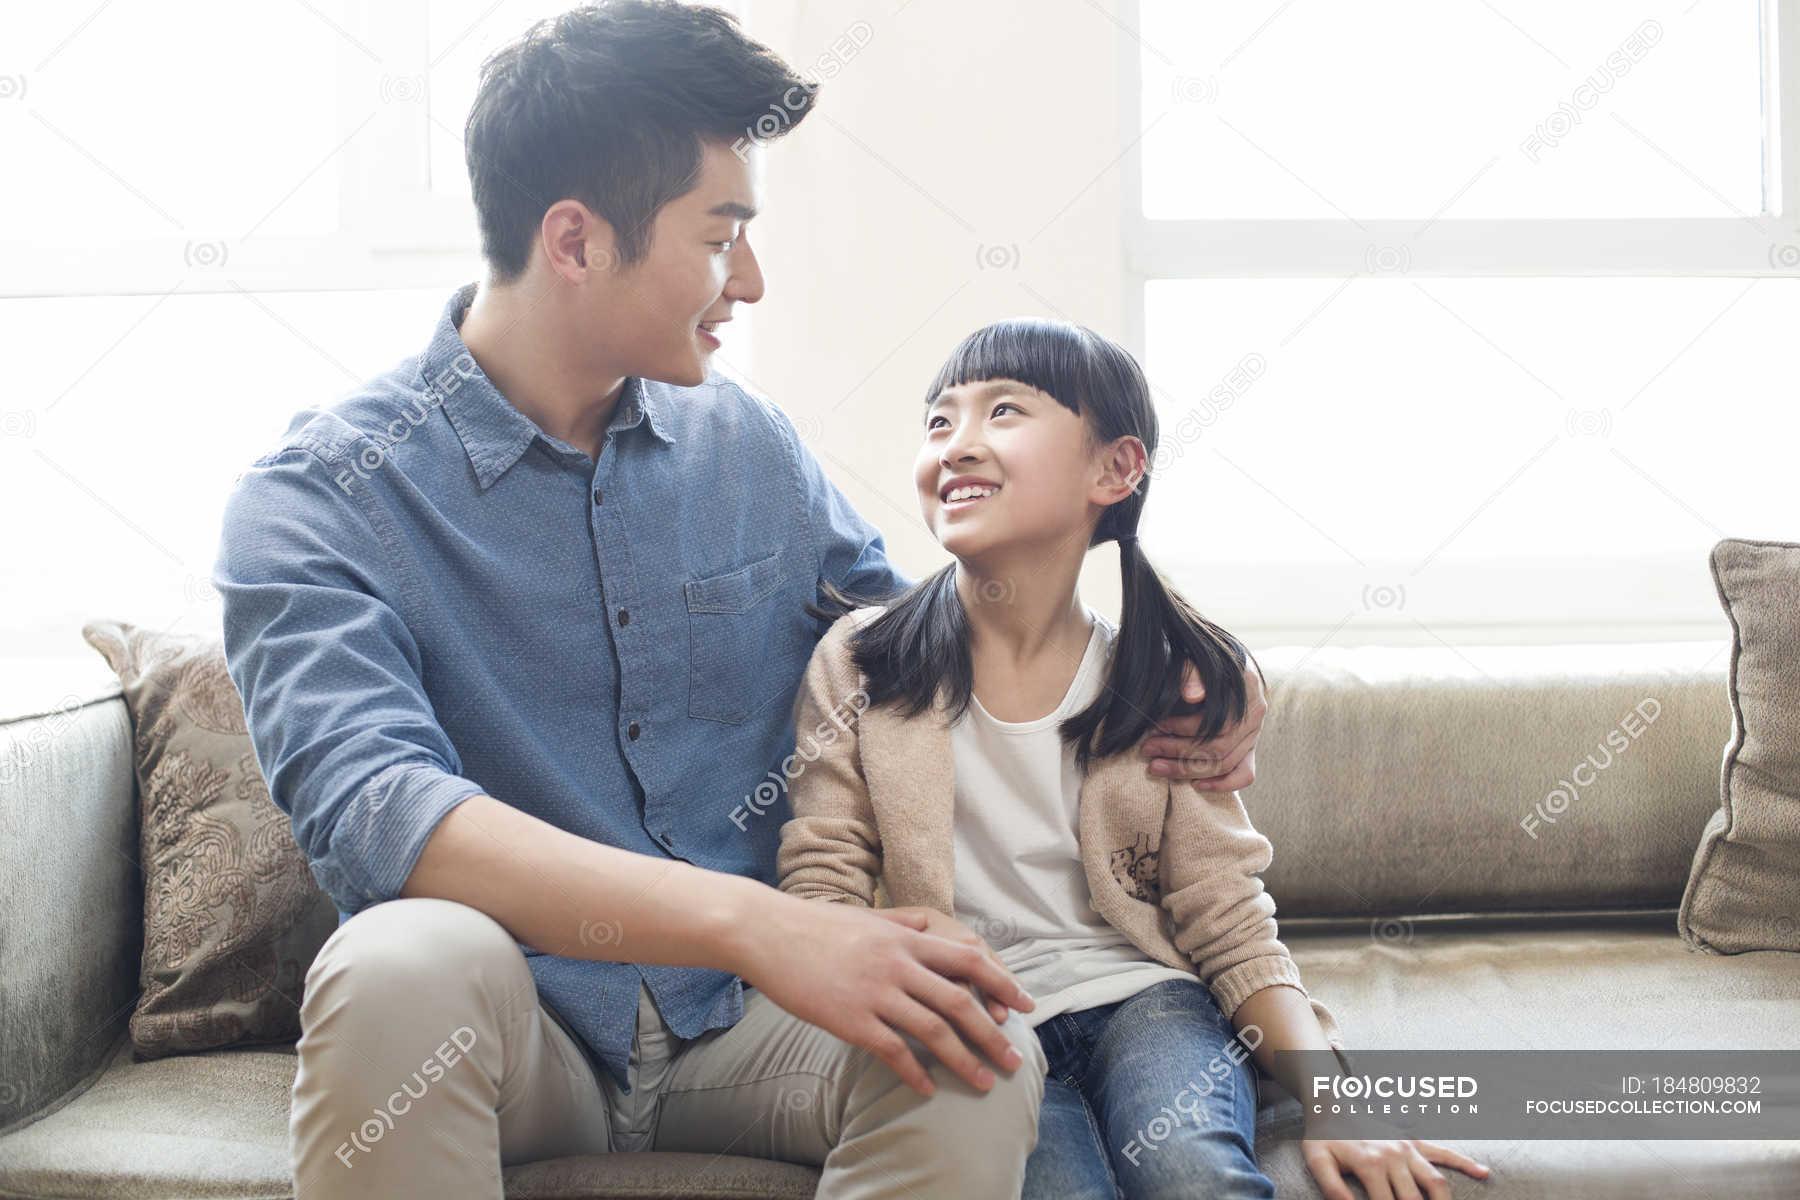 Японские шоу отец и дочь онлайн, Японское порно шоу отец должен отгадать дочь 12 фотография